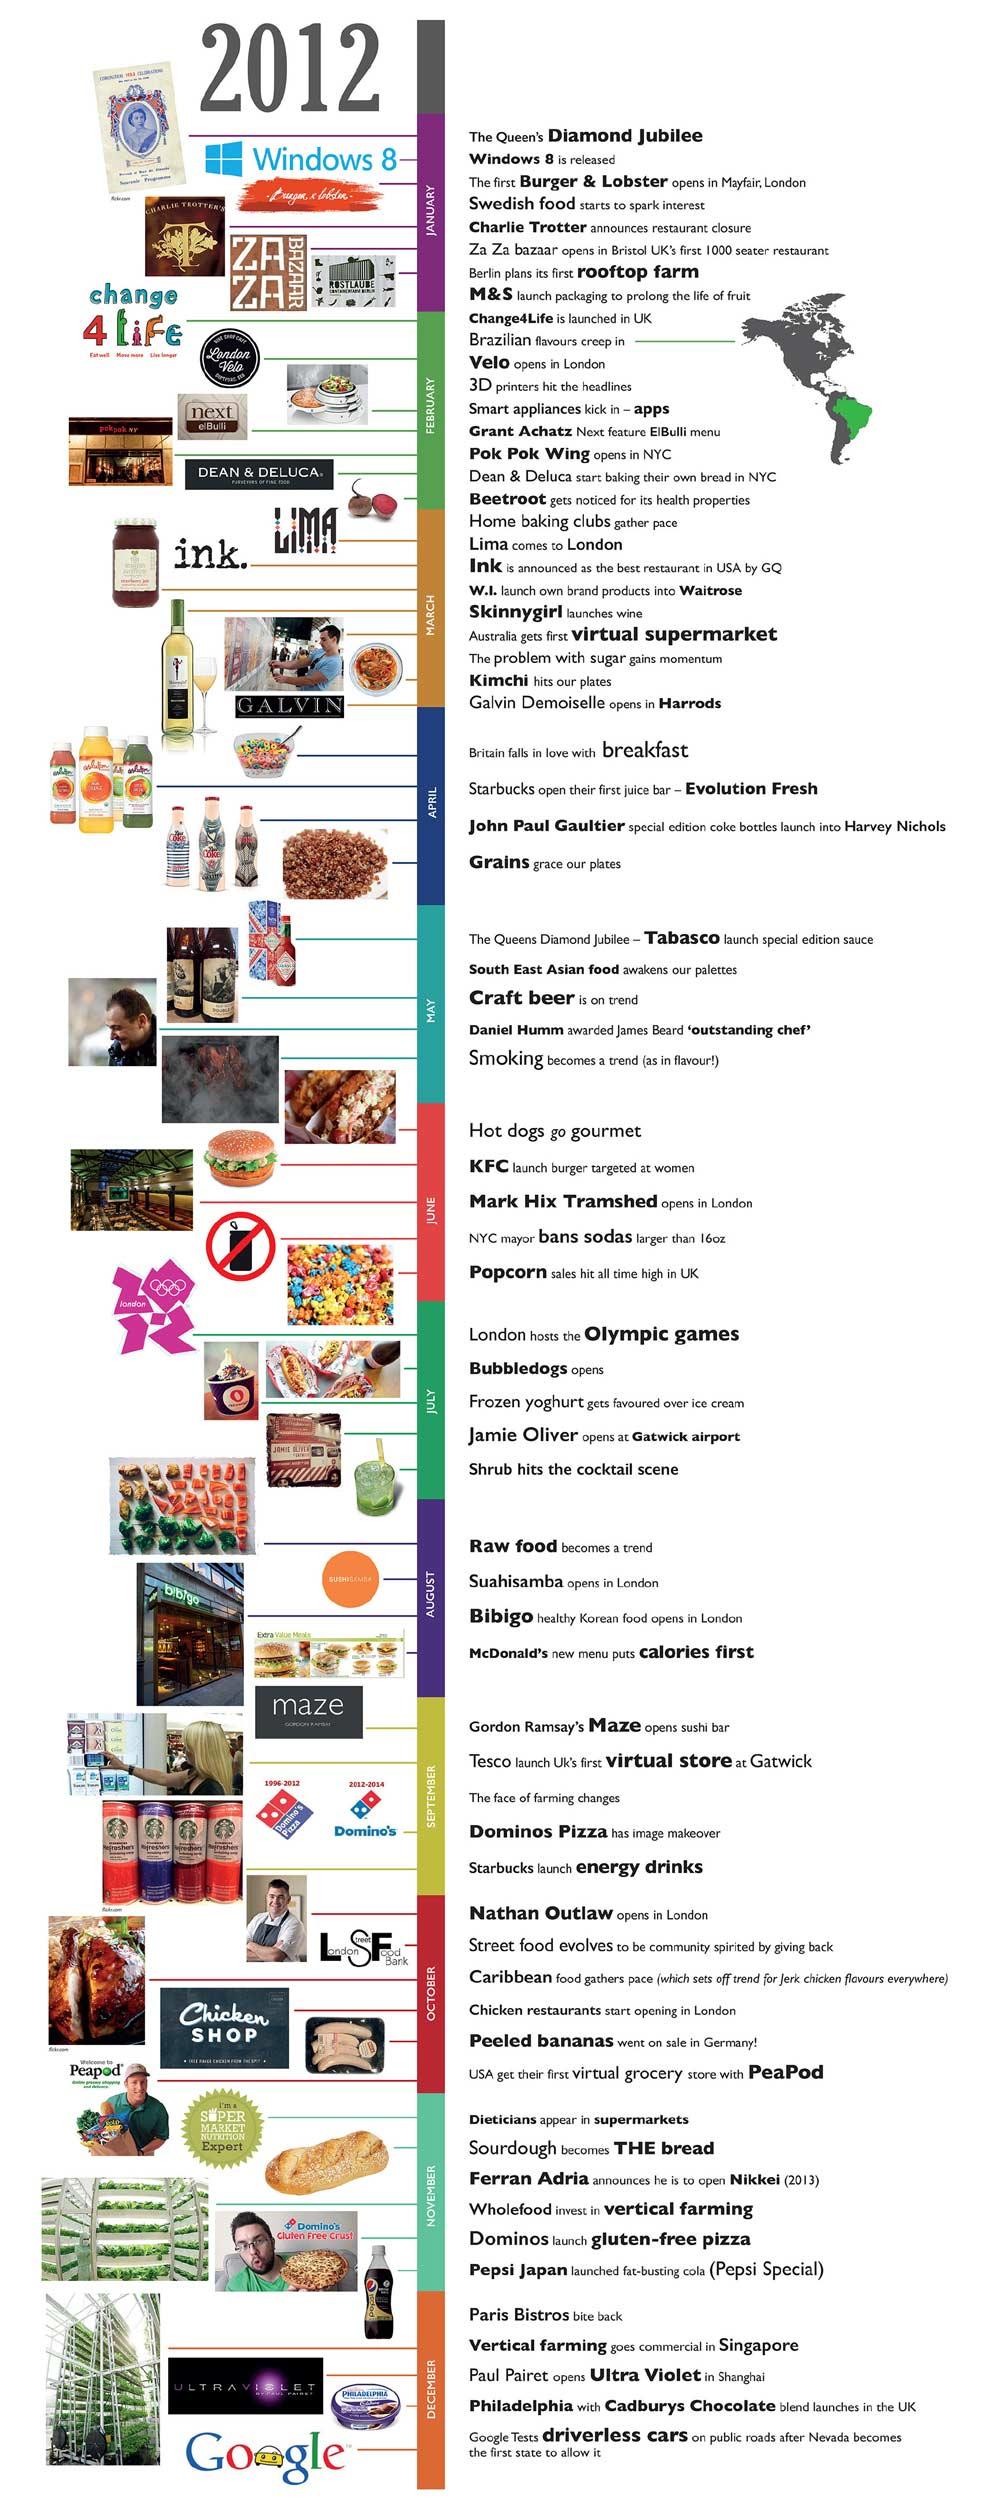 Food Trends